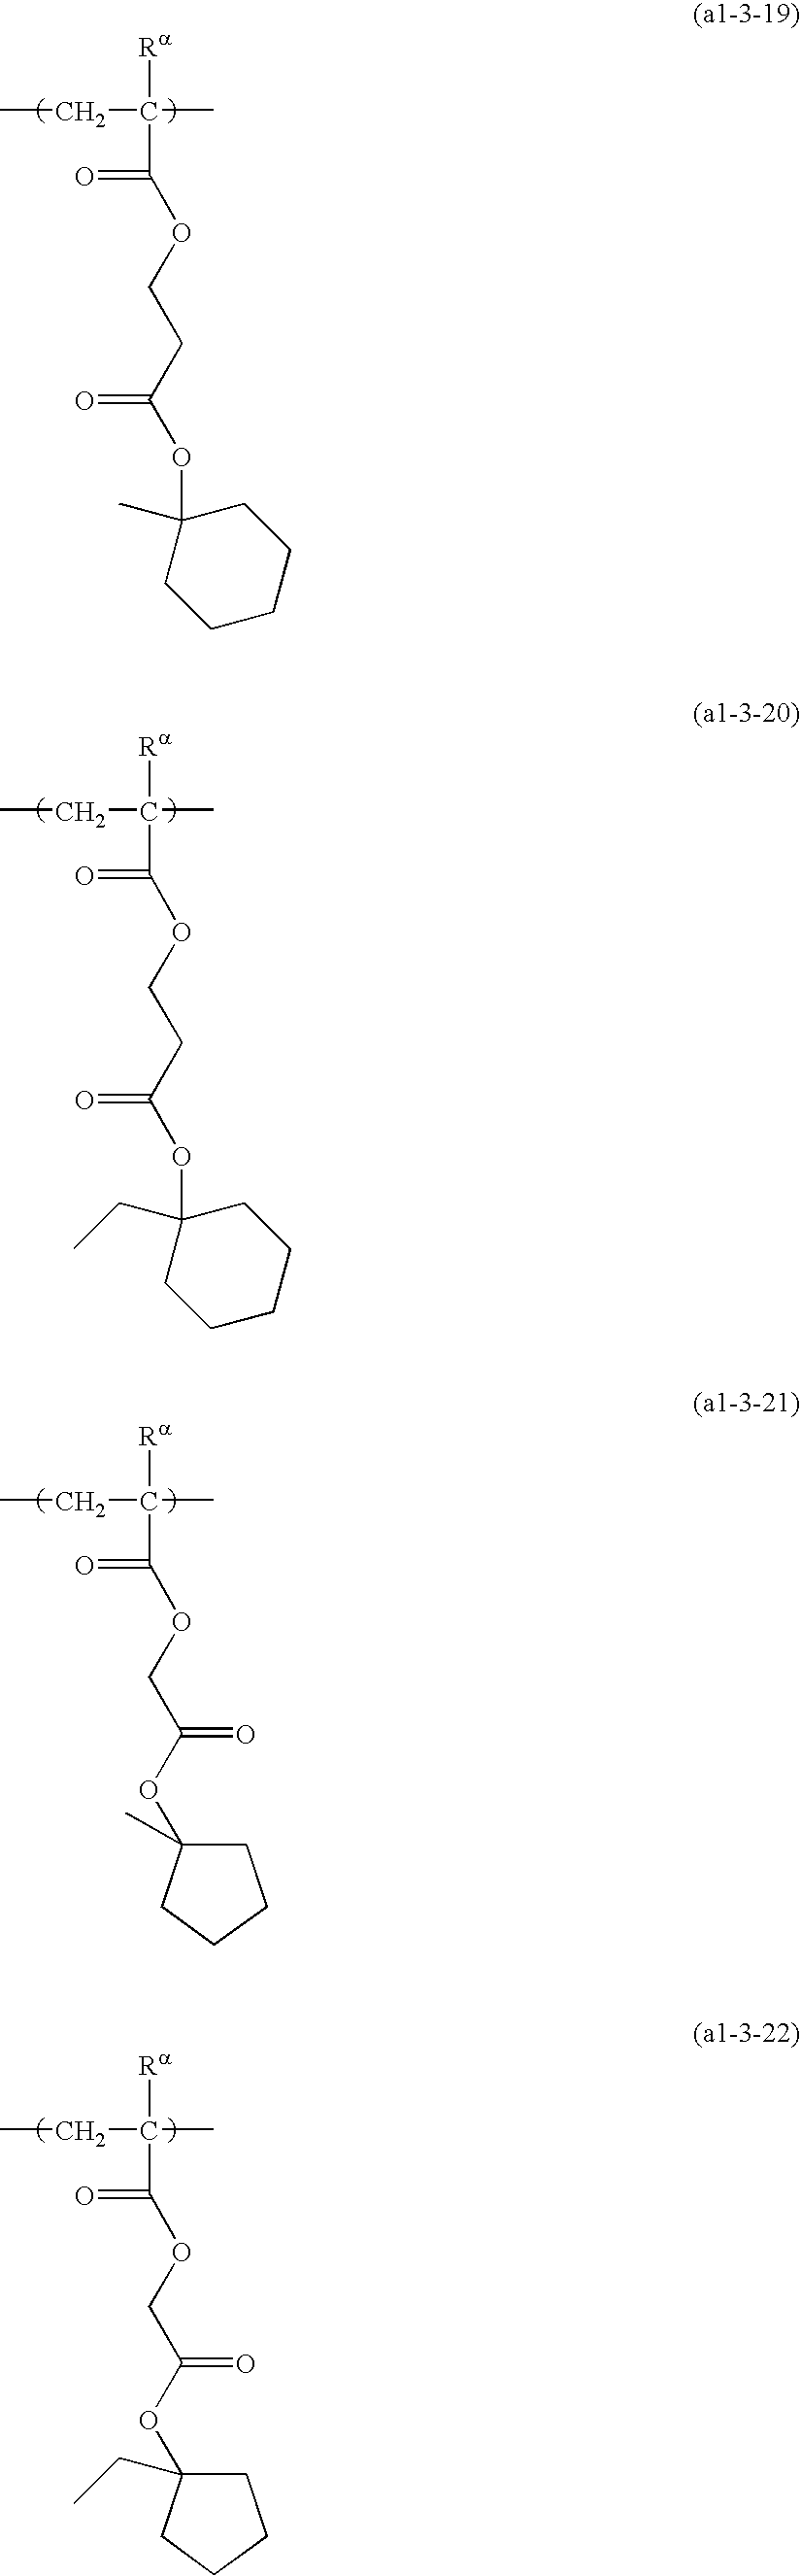 Figure US20100196821A1-20100805-C00039